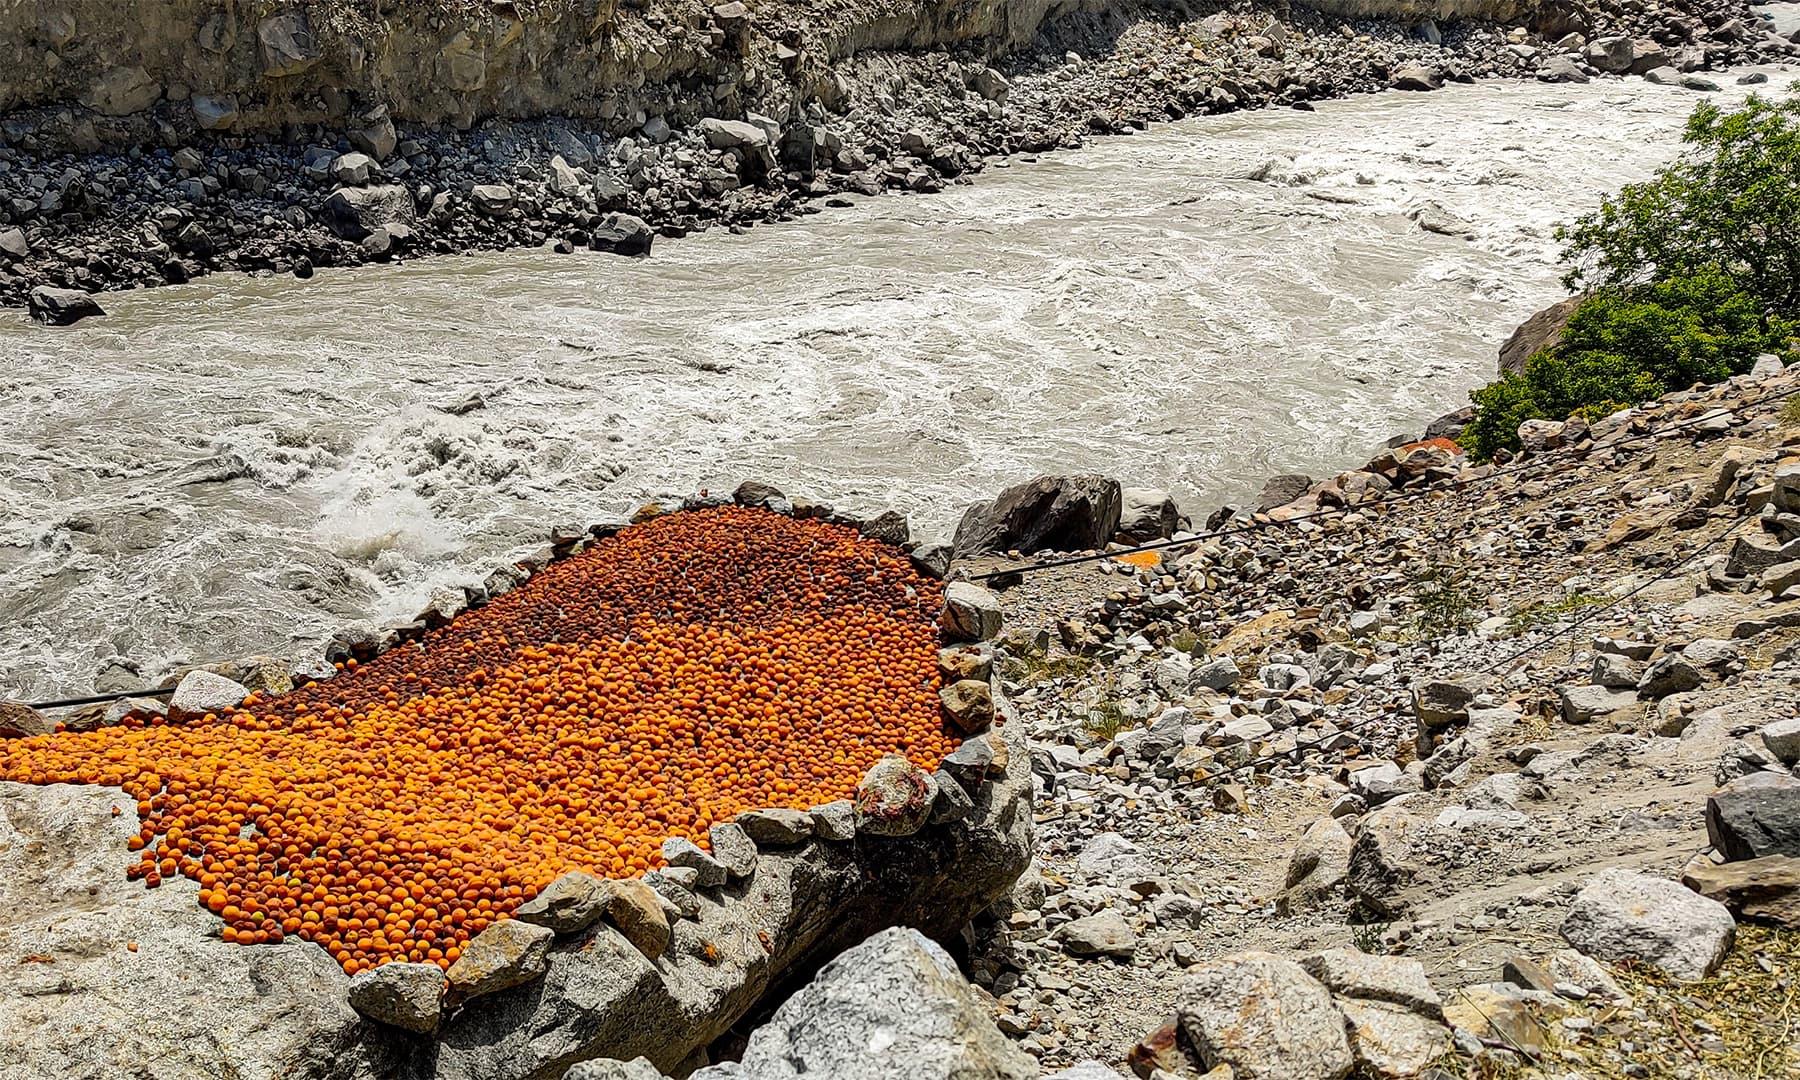 دریائے سندھ اور پتھر کی بڑی سل پر سوکھتی ہوئی خوبانیاں